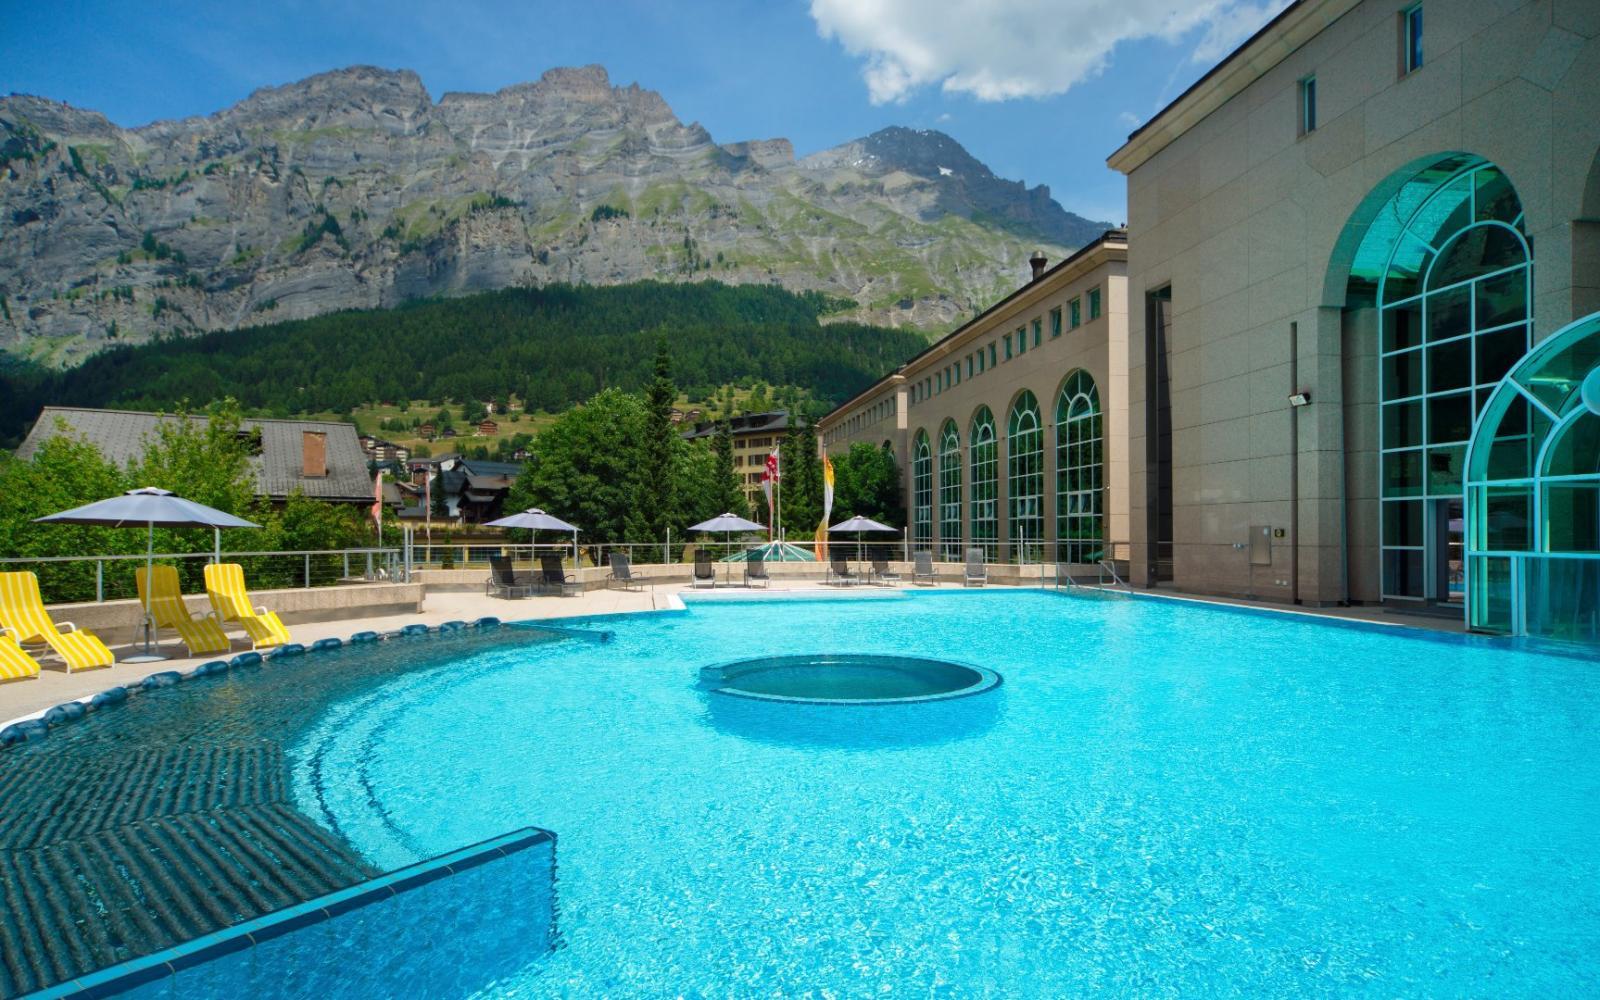 Heliopark hotels alpentherme bilder vom wellnesshotel for Stylische wellnesshotels